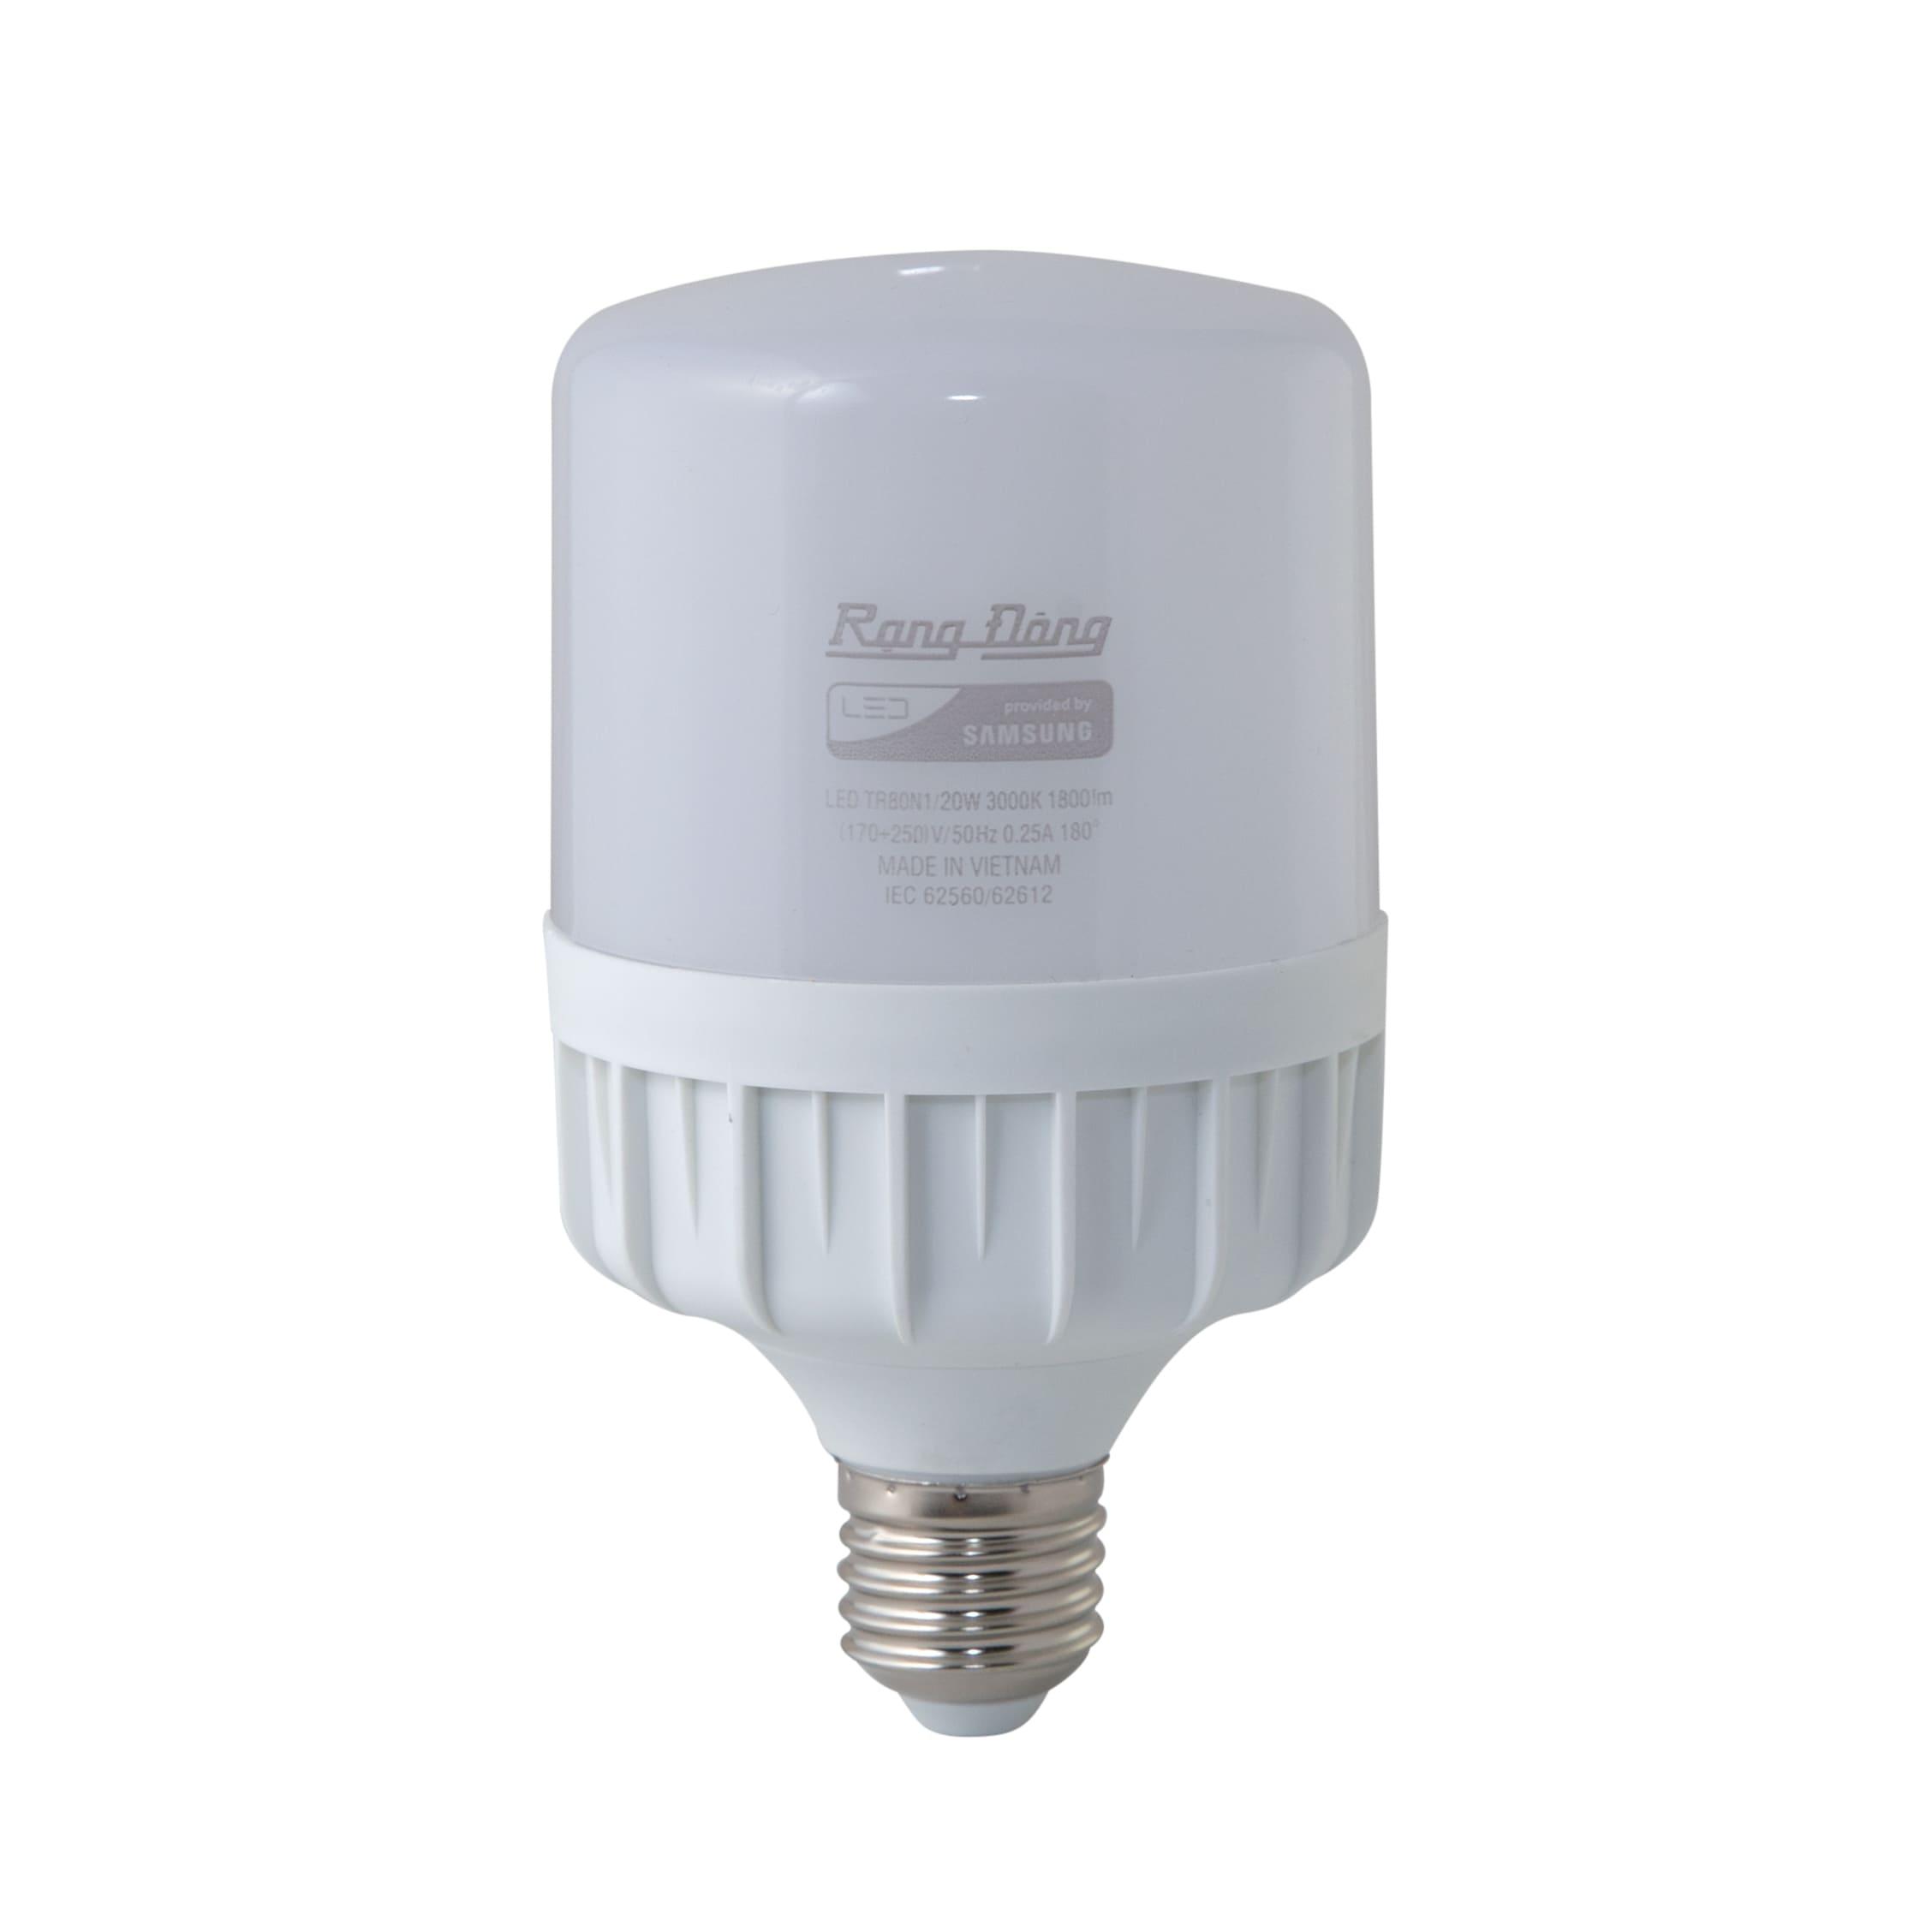 Bóng đèn led buld trụ 20W LED TR80N1/20W (SS)